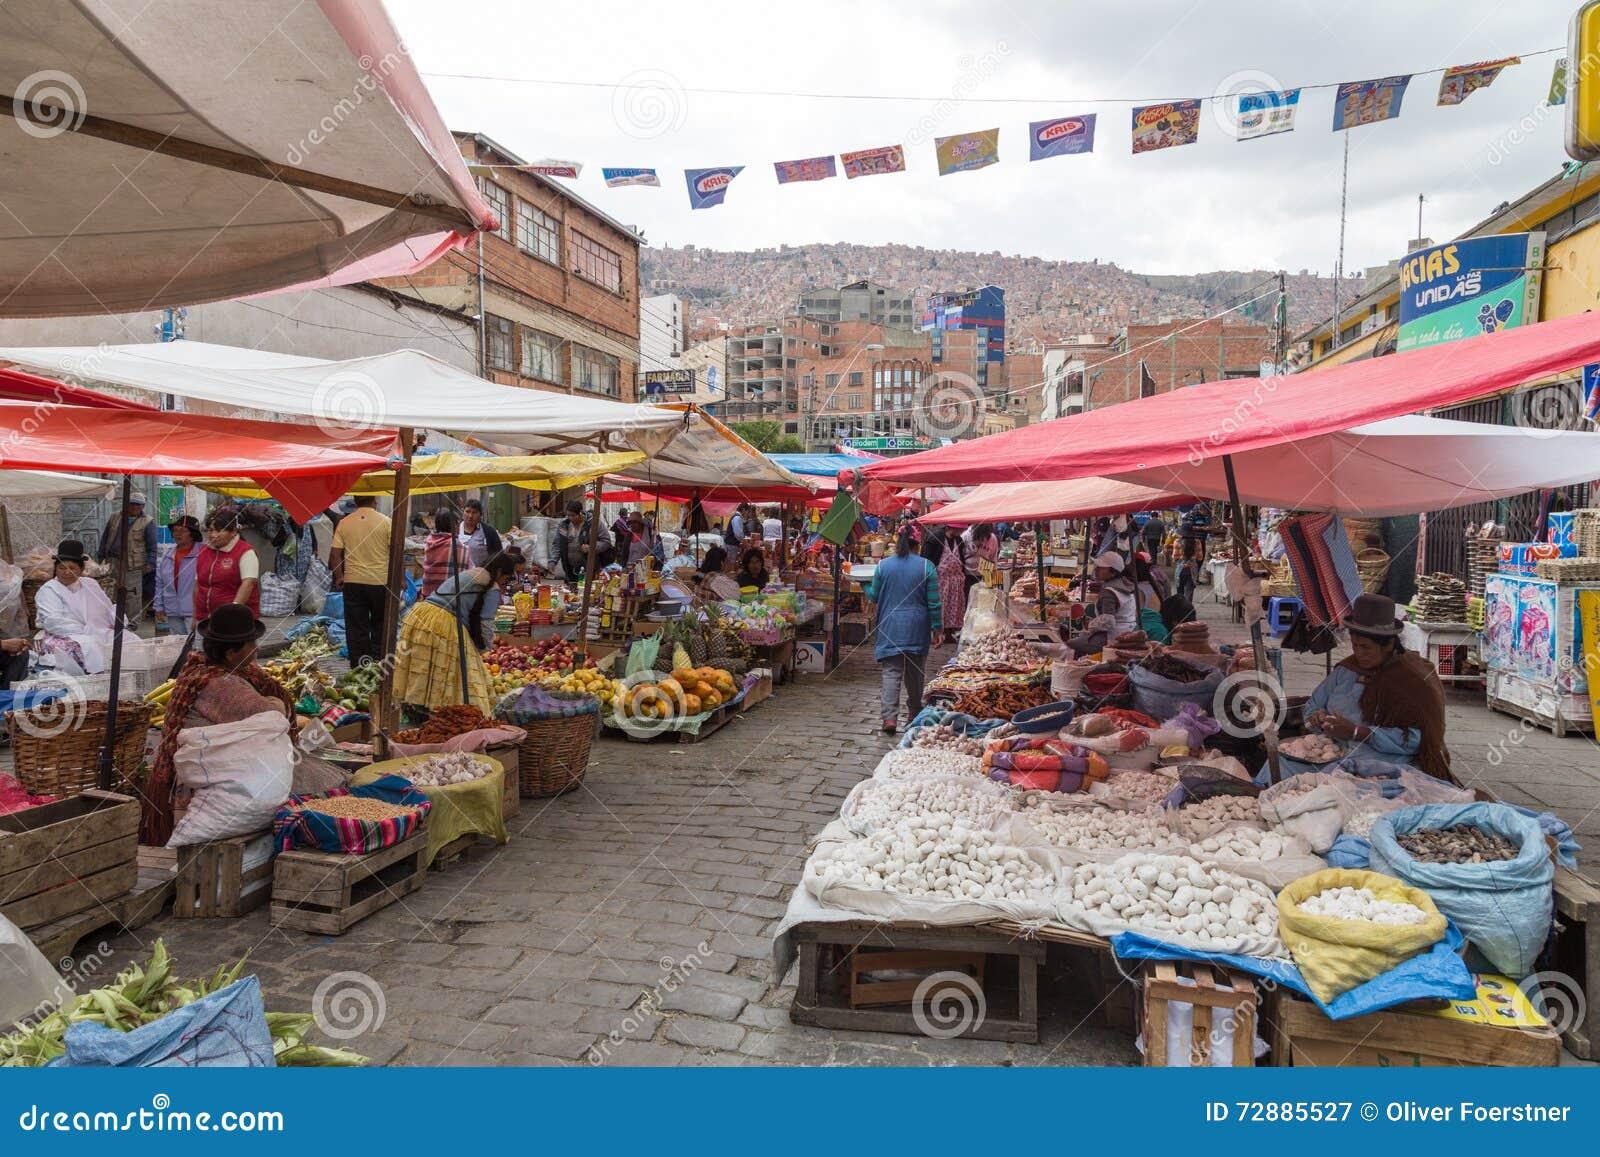 Mercado callejero en la paz bolivia 72885527